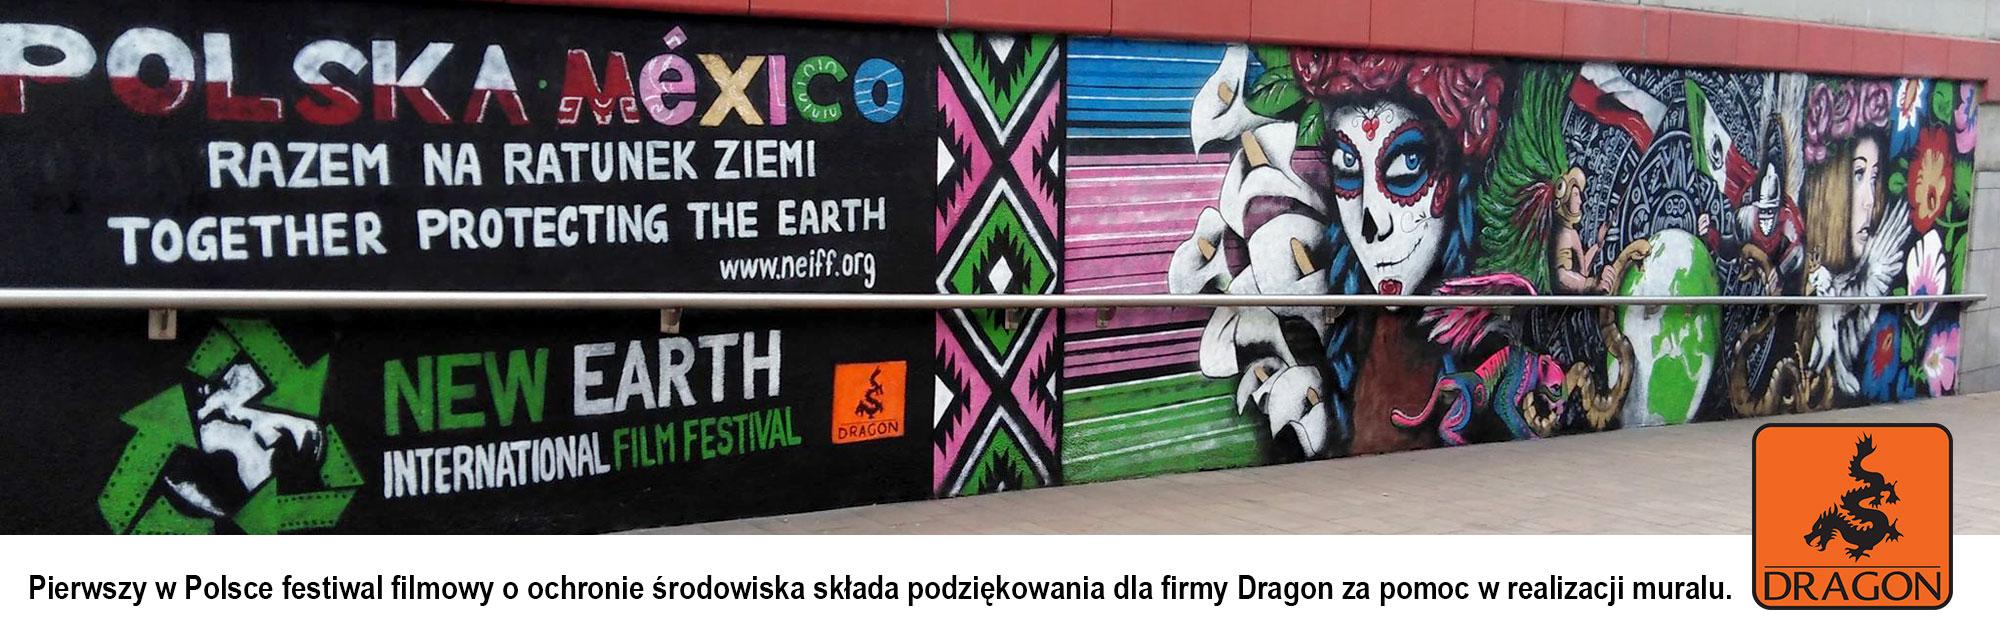 Produkty Dragon Poland użyte do upiększenia krajobrazu miasta Krakowa